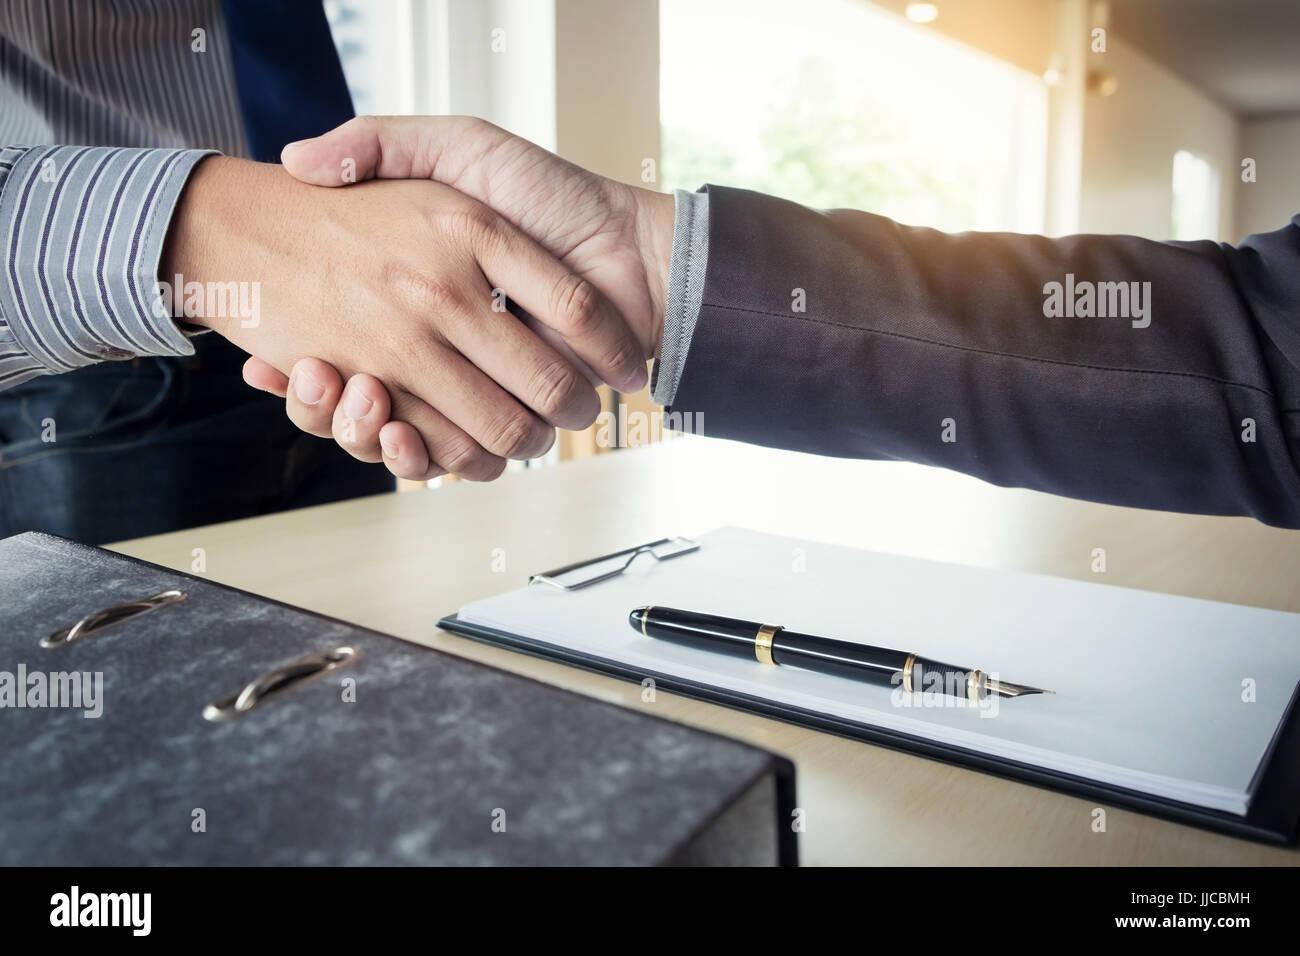 Mittelteil eines Geschäftsmannes Händeschütteln mit einem beschnittenen weibliche Interviewer im Stockbild